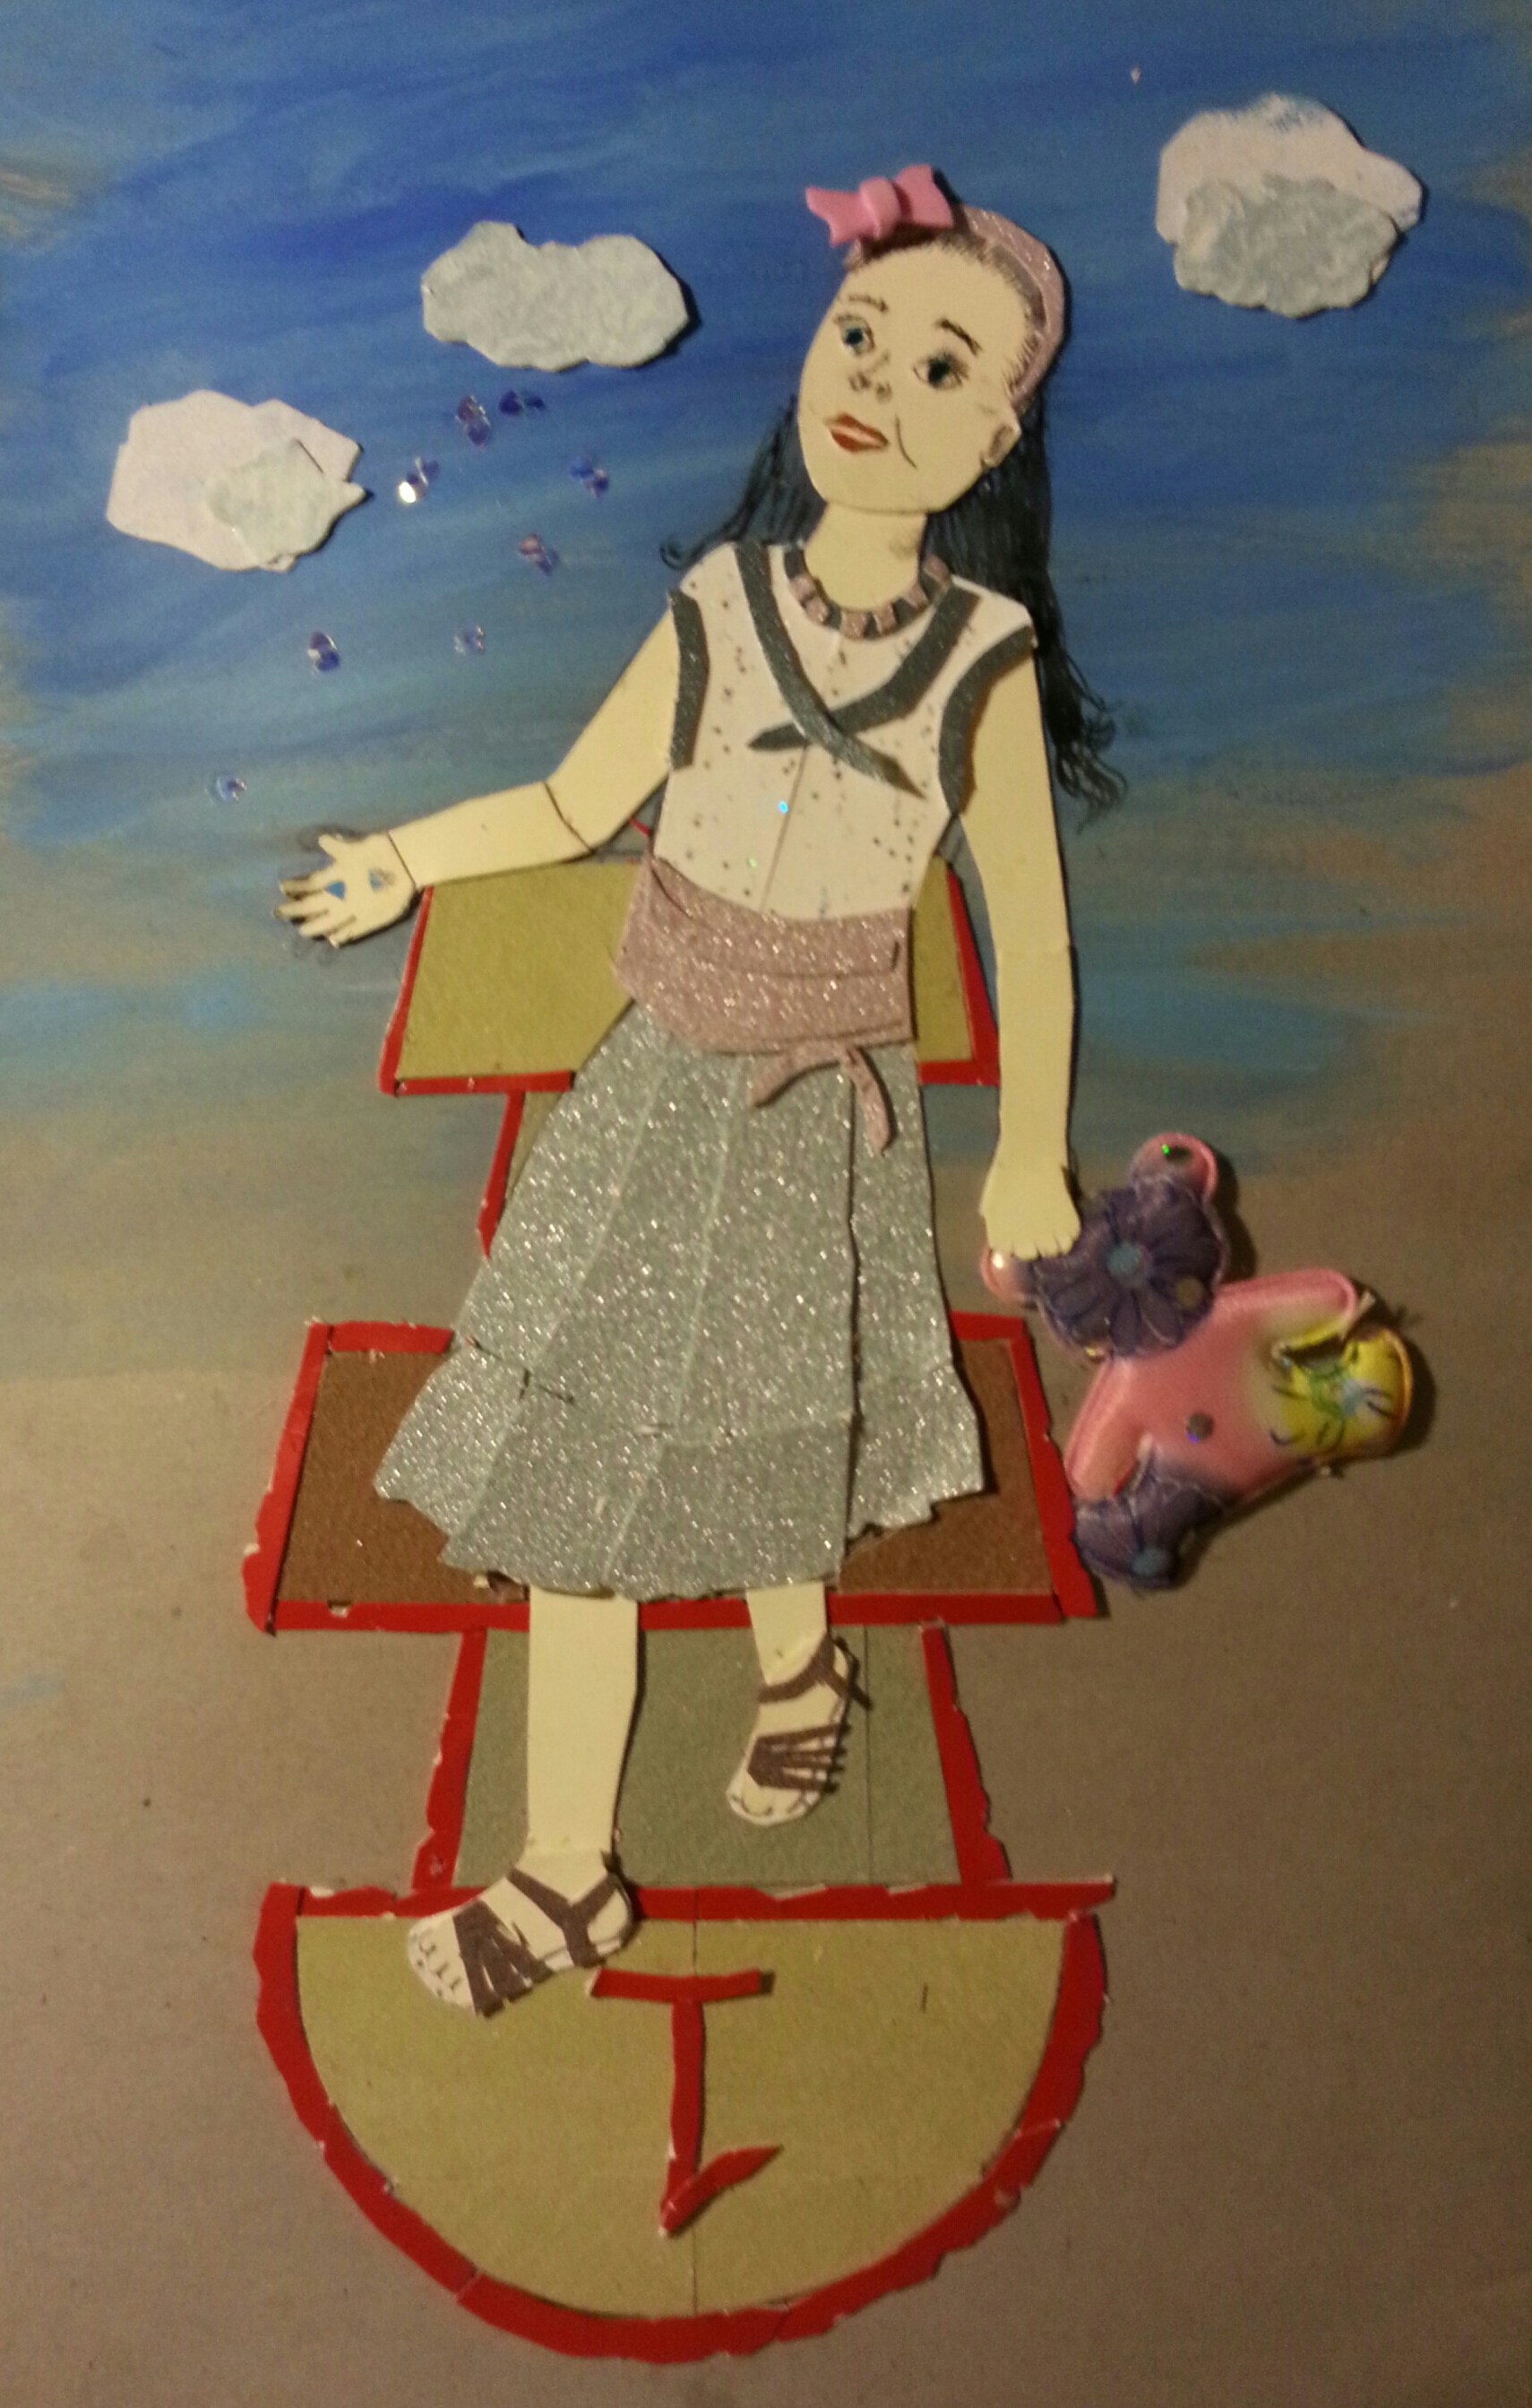 Childhood Tel aviv |2013